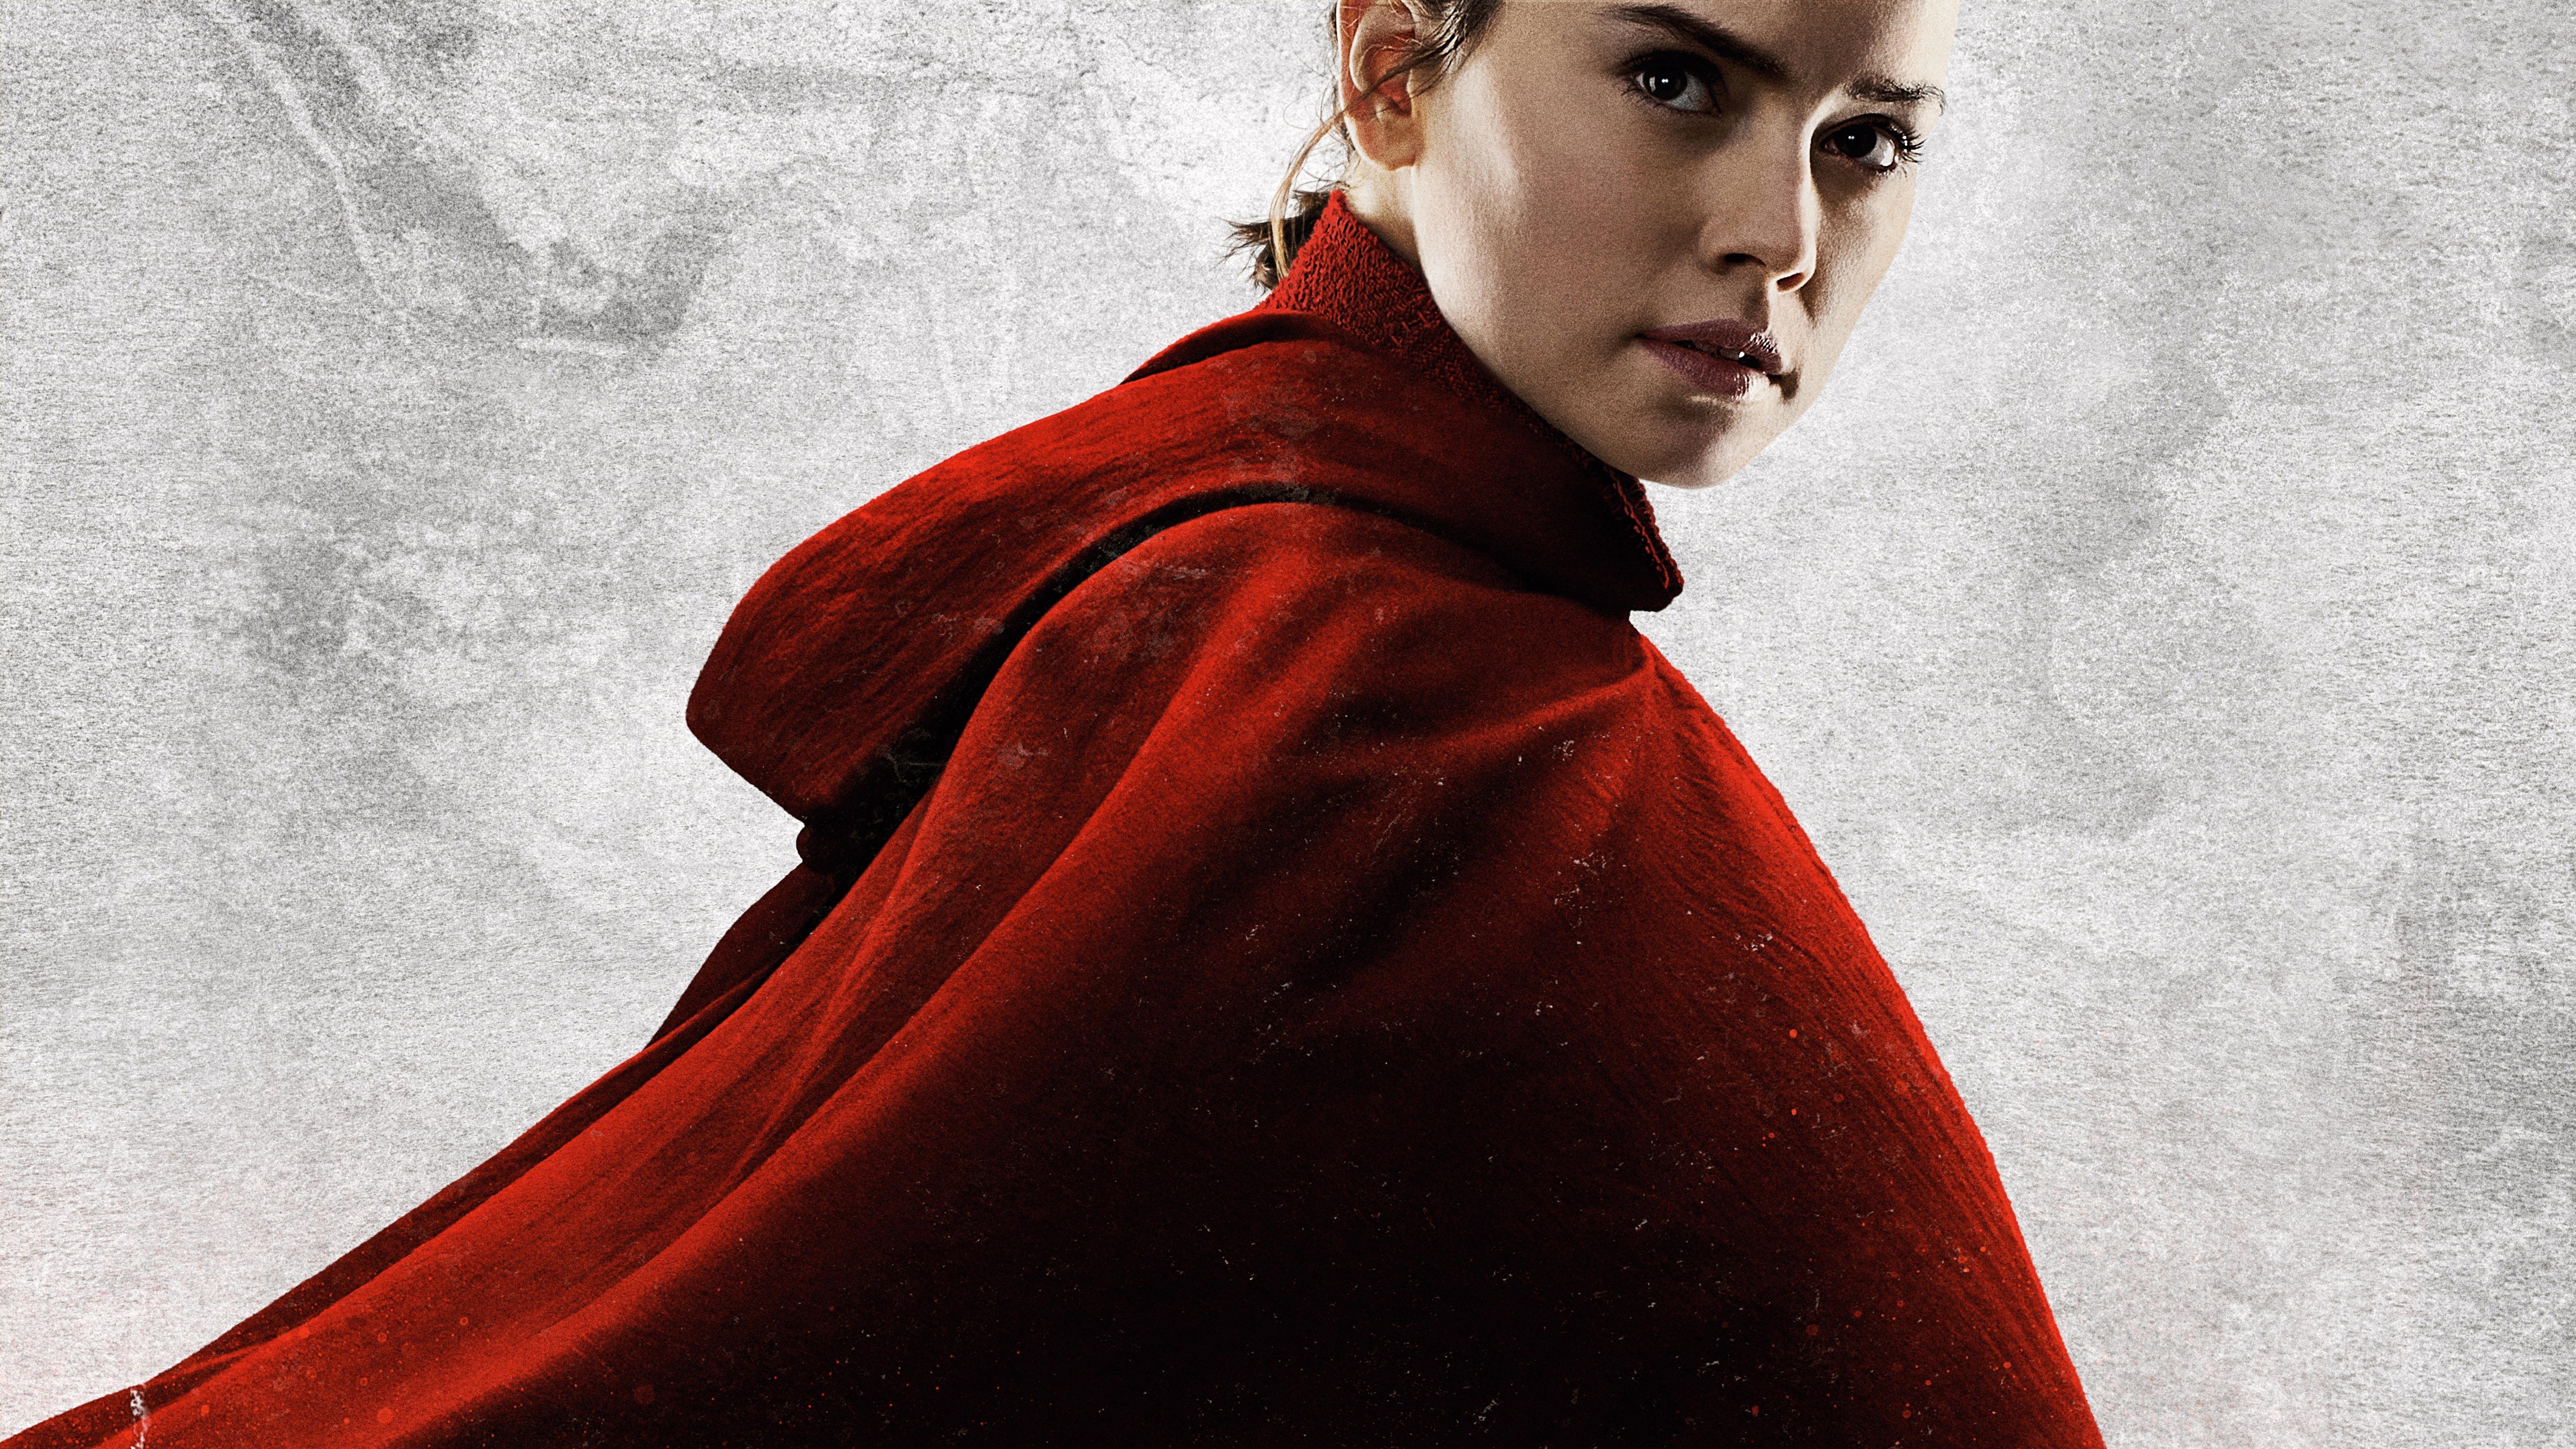 Rey Star Wars The Last Jedi Wallpaper Hd Movies 4k Wallpapers